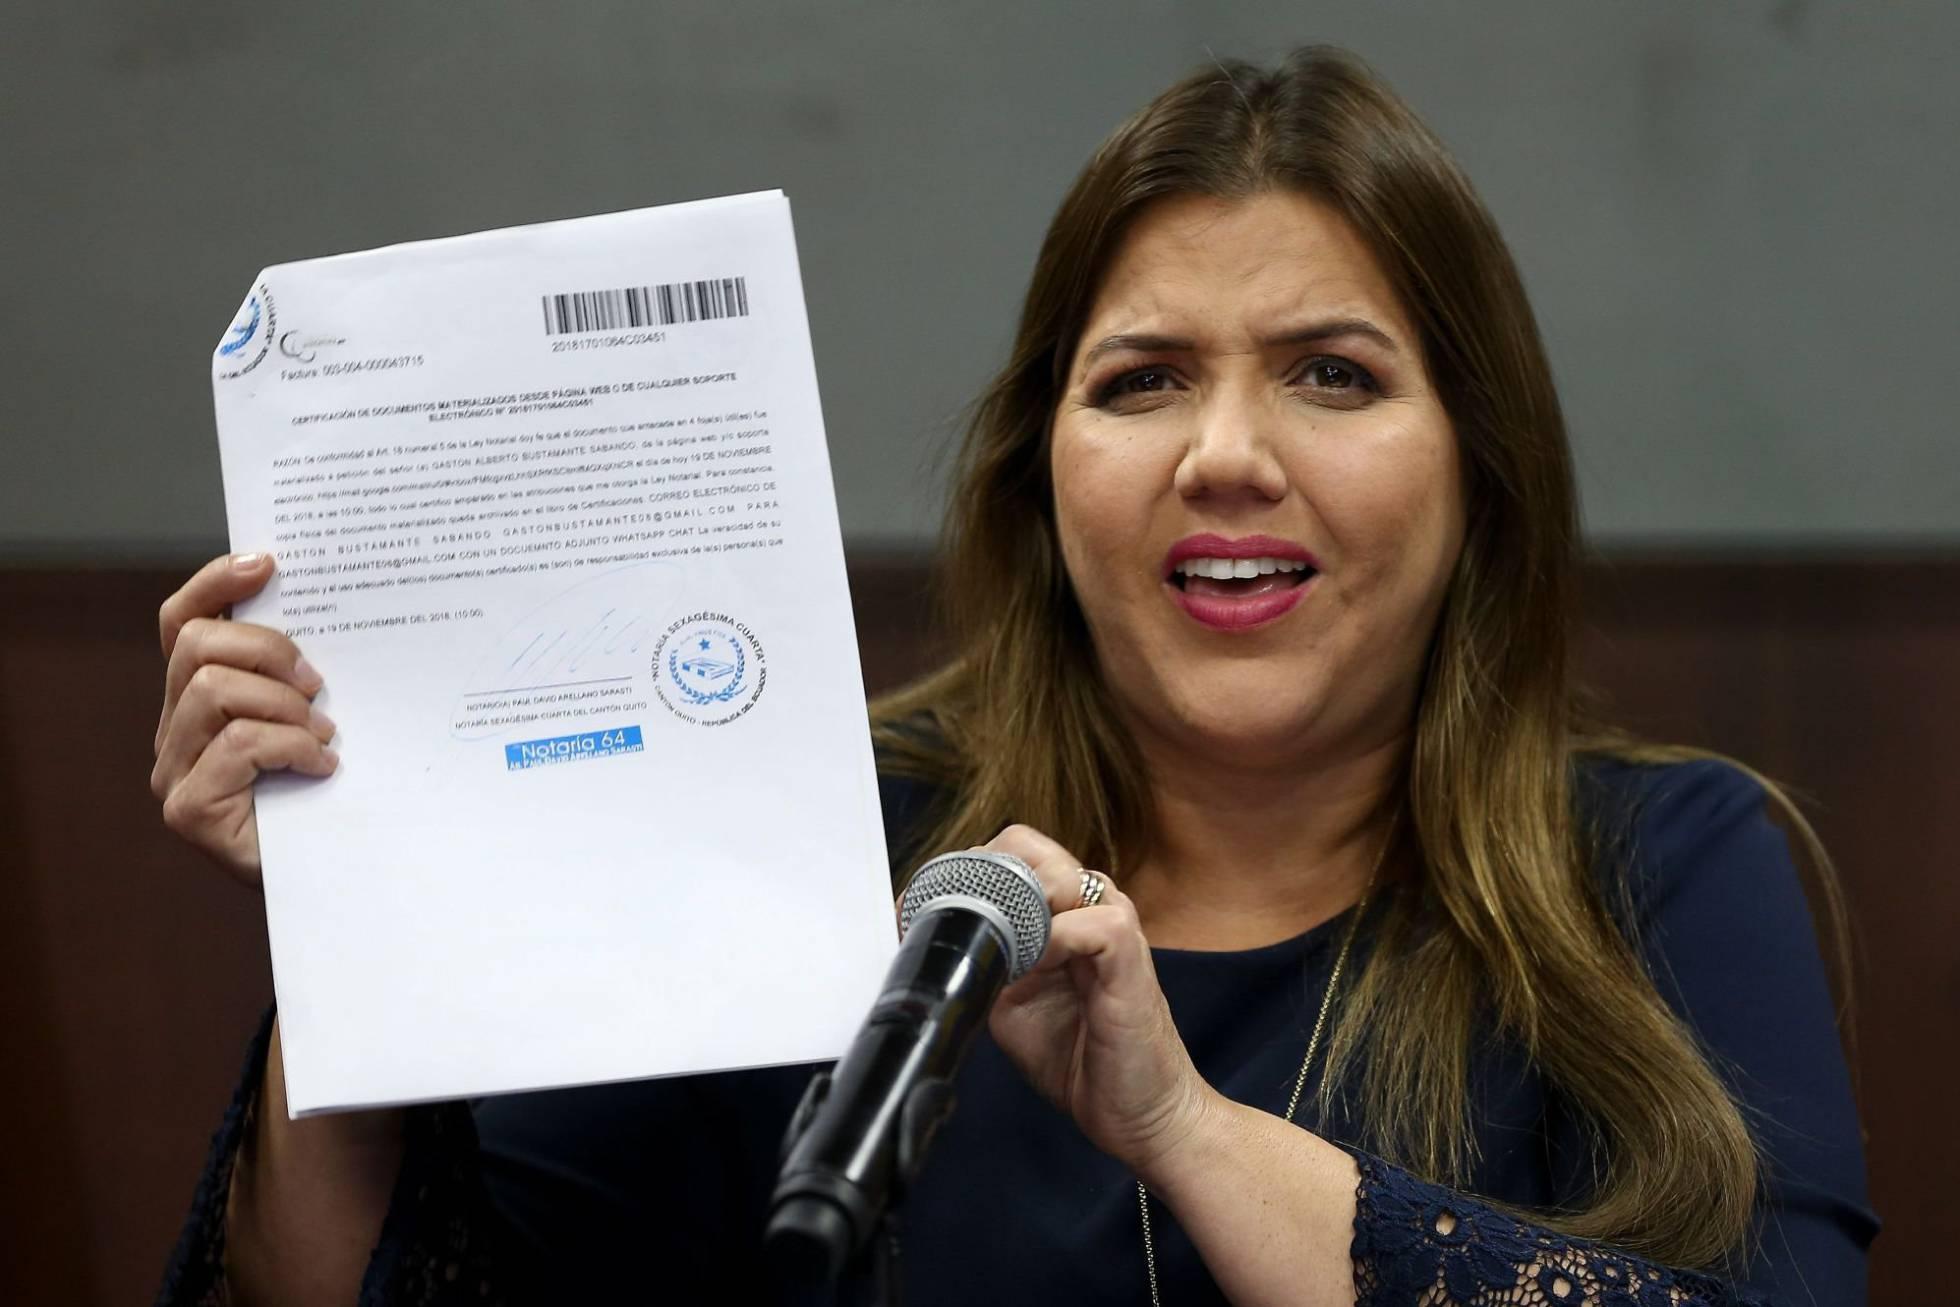 Moreno suspende las funciones de la vicepresidenta de Ecuador, acusada de cobros ilegales